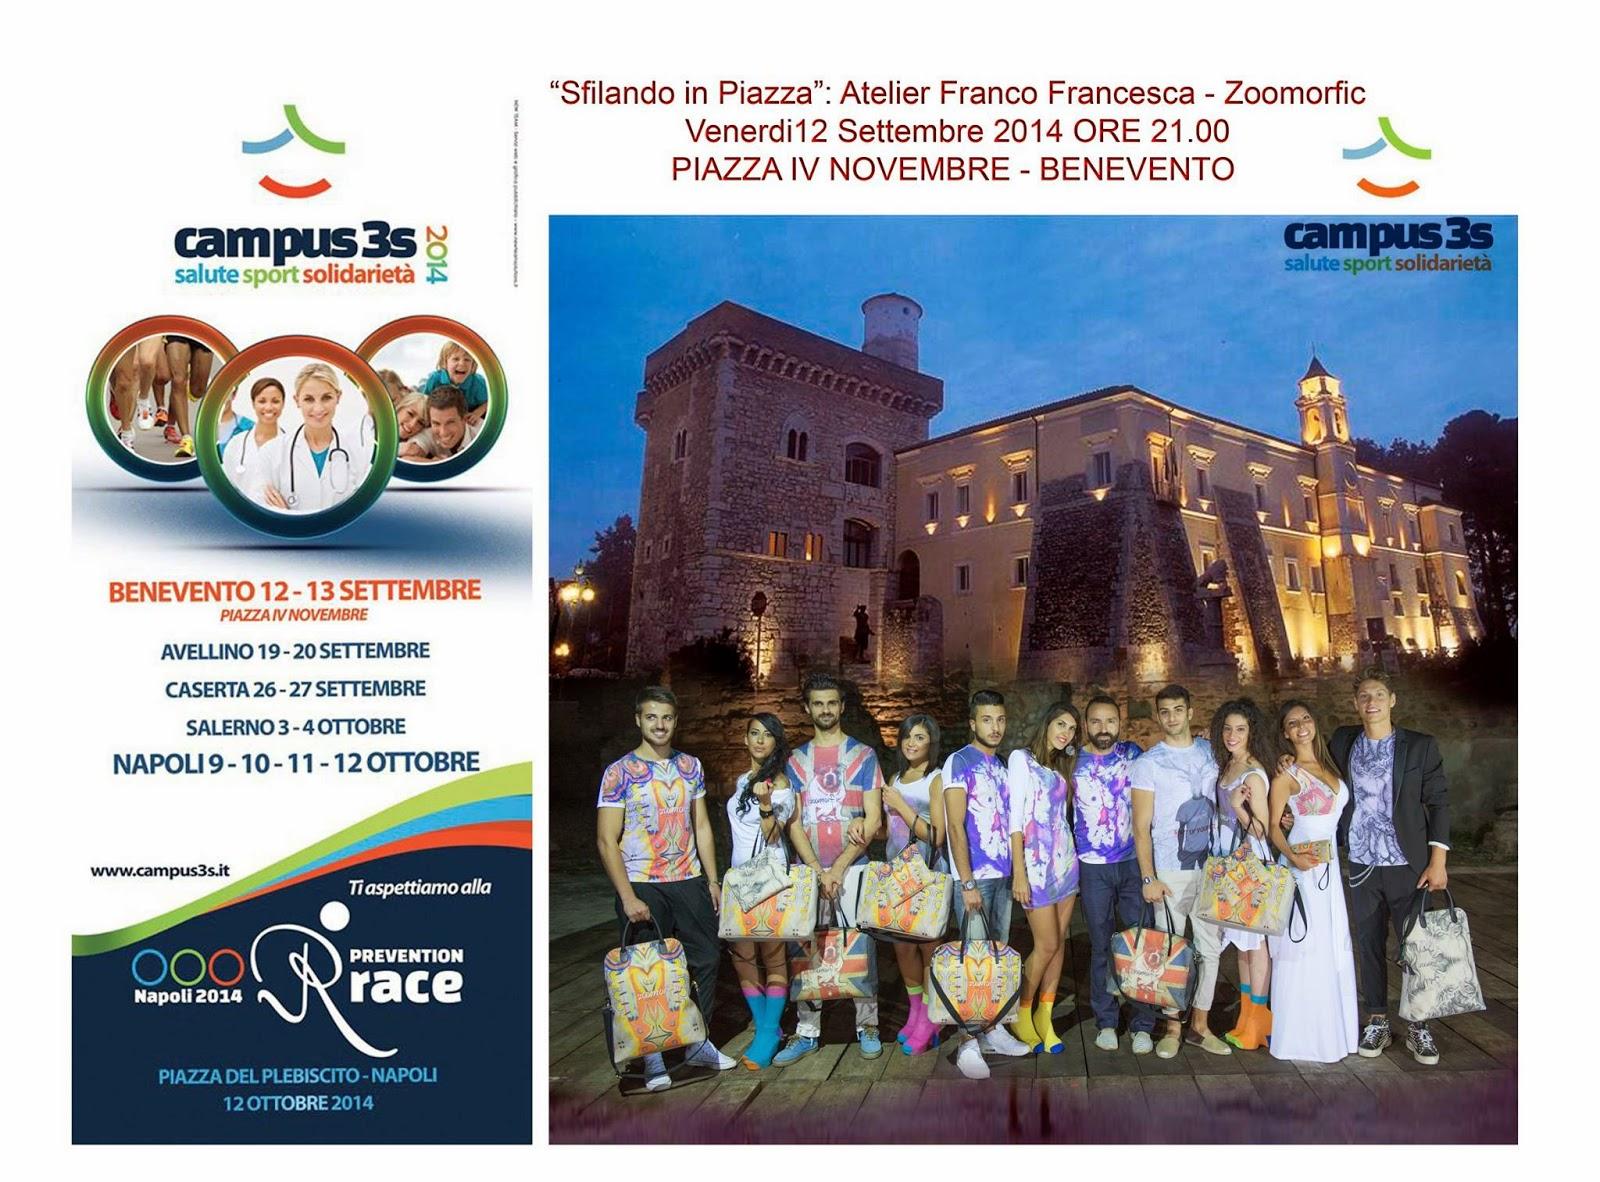 Atelier Franco Francesca presenta Sfilando in piazza,